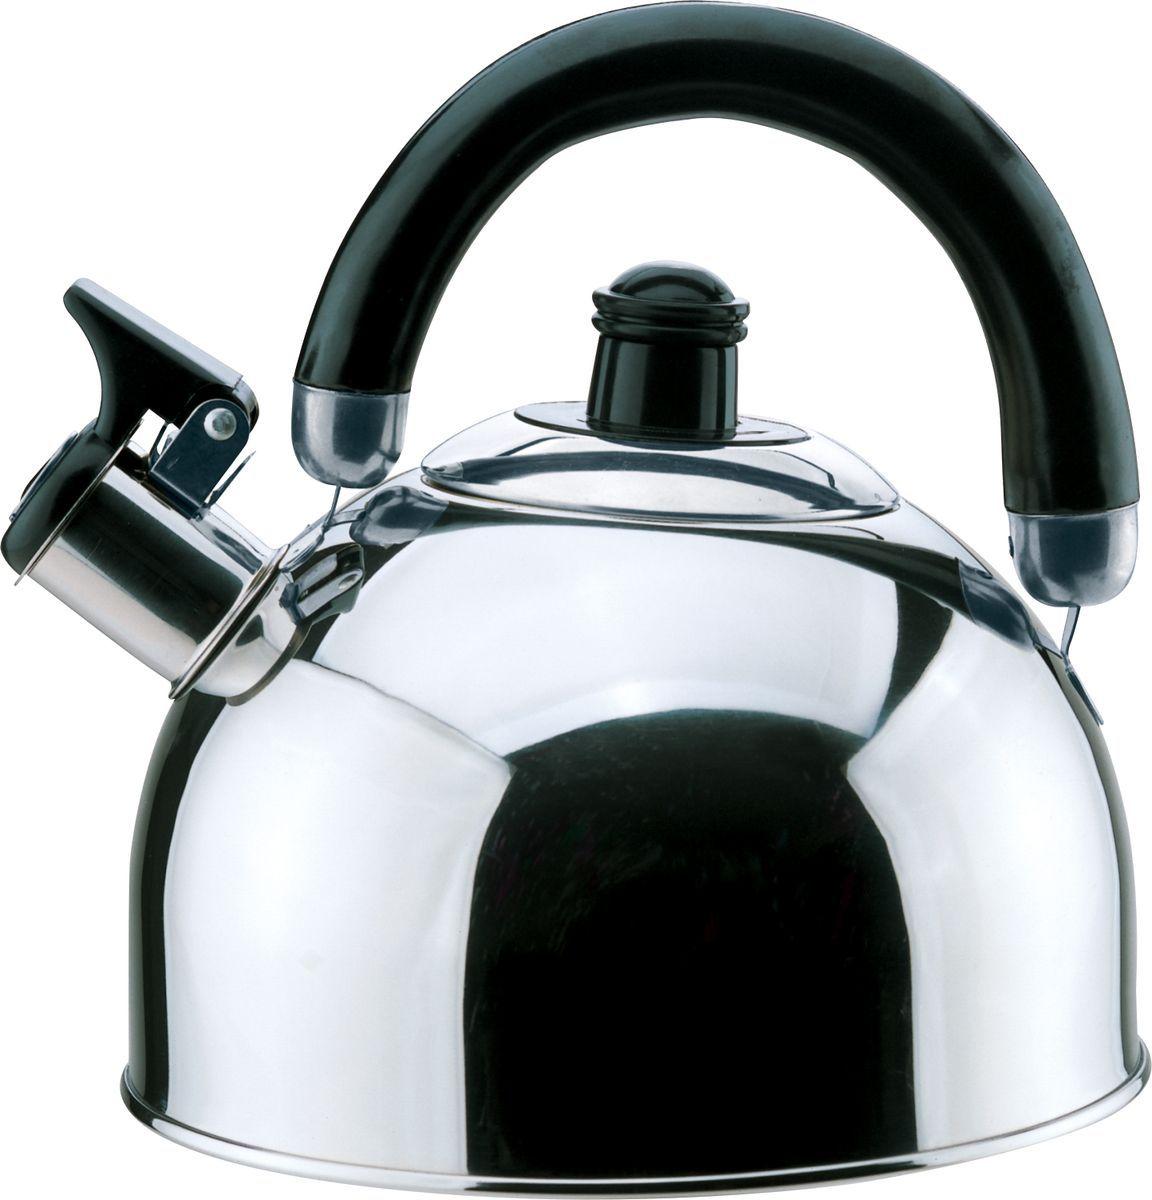 Чайник Bekker, 2,5 л. BK-S341MVT-1520(SR)2,5л, со свистком, ручка пластм. подвижная черного цвета, крышка из нержав. стали, капсулир. дно, поверхность зерк. Состав: нержав. сталь.